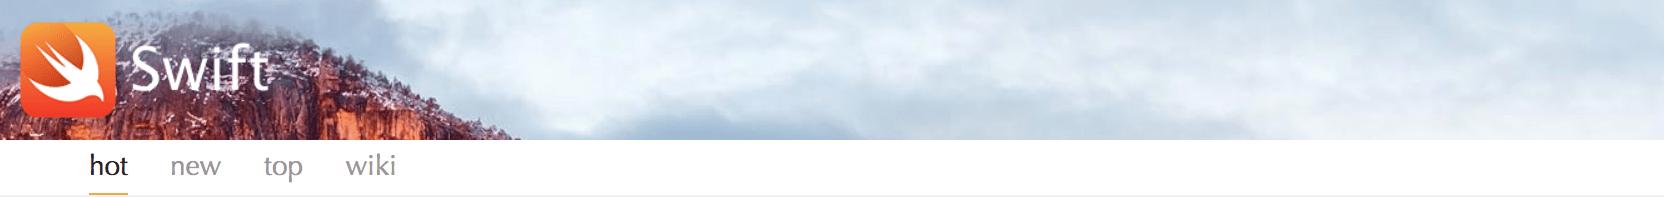 reddit - swift